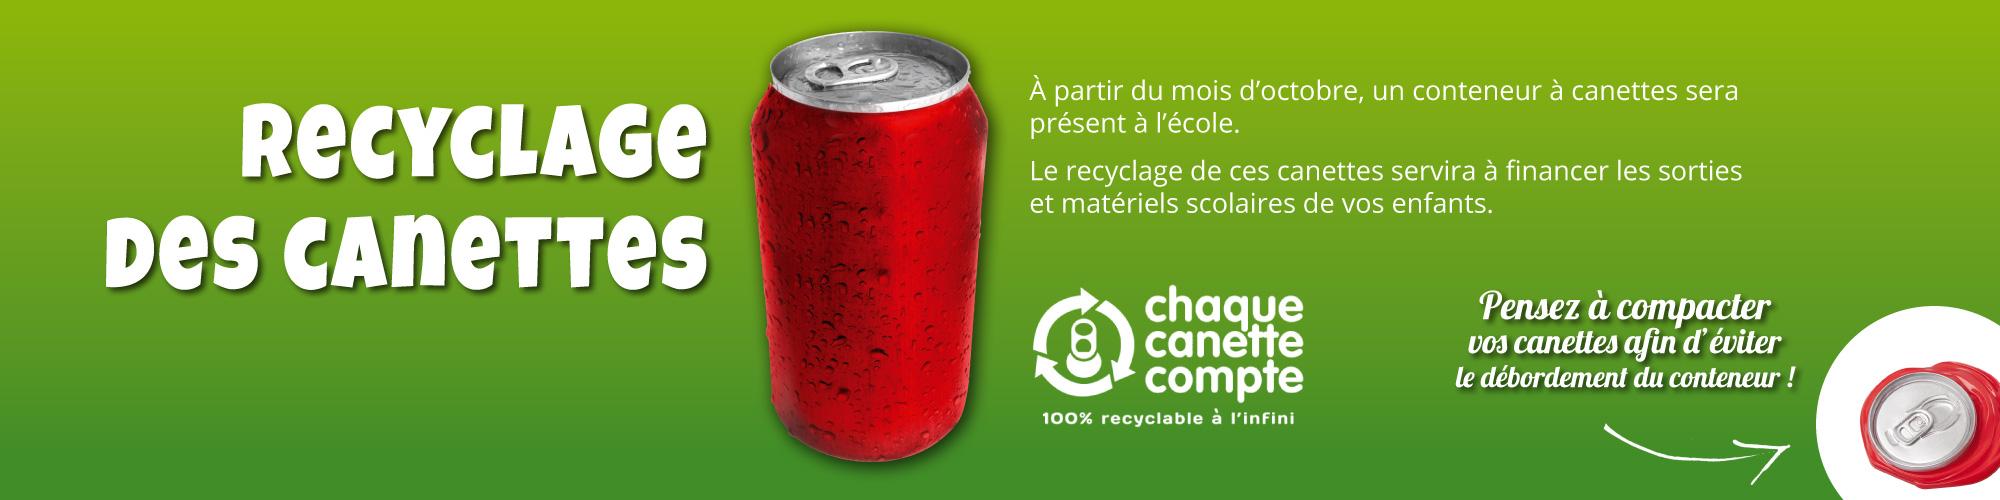 Recyclage des canettes